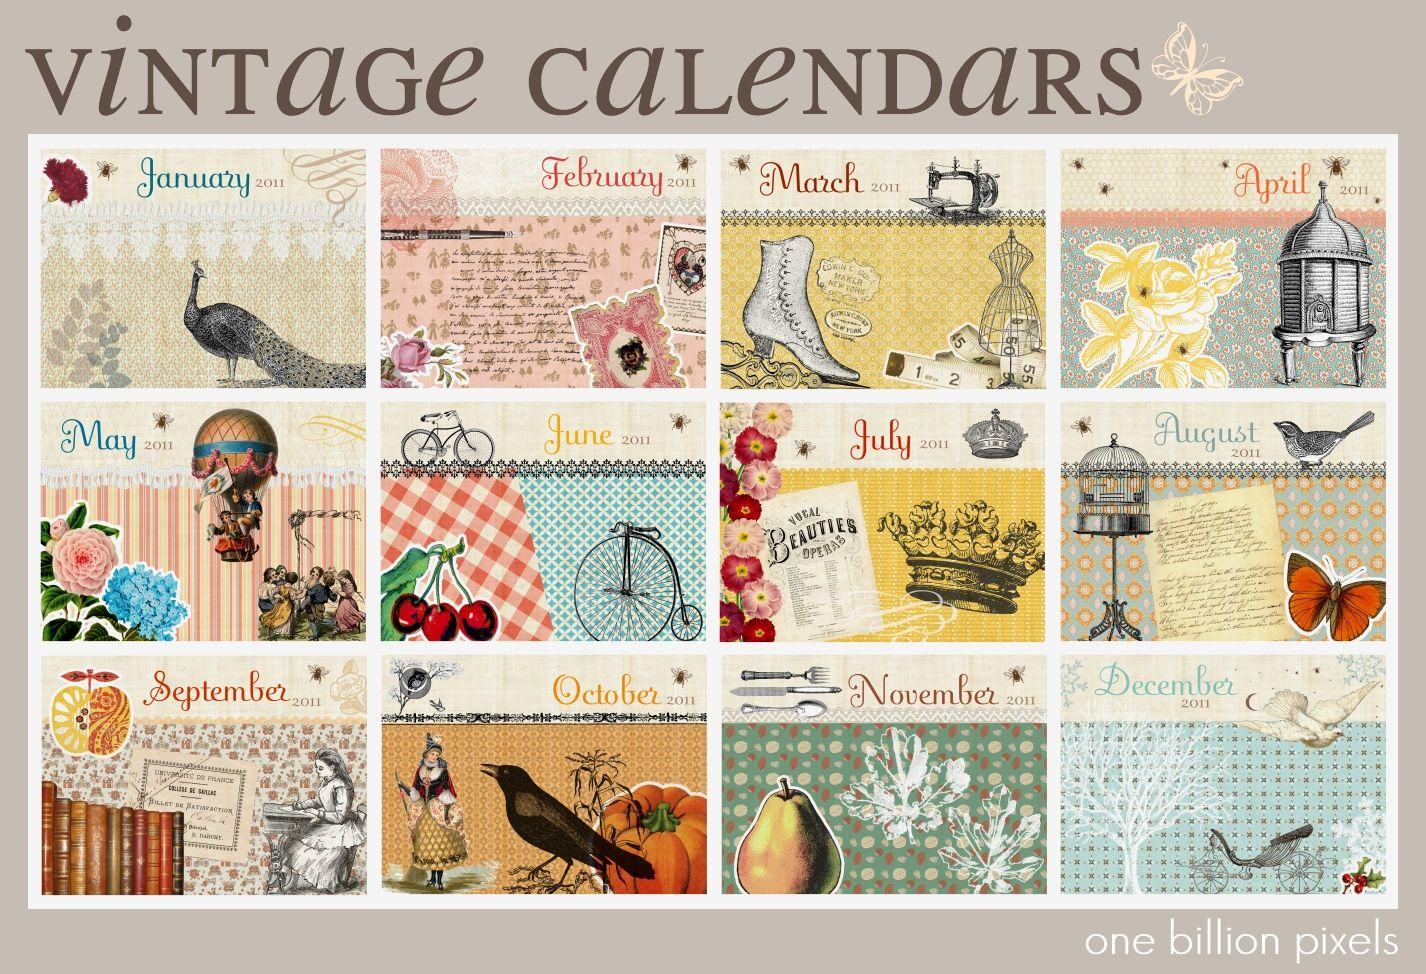 Vintage Calendar Art : Vintage calendars quot it s a date pinterest